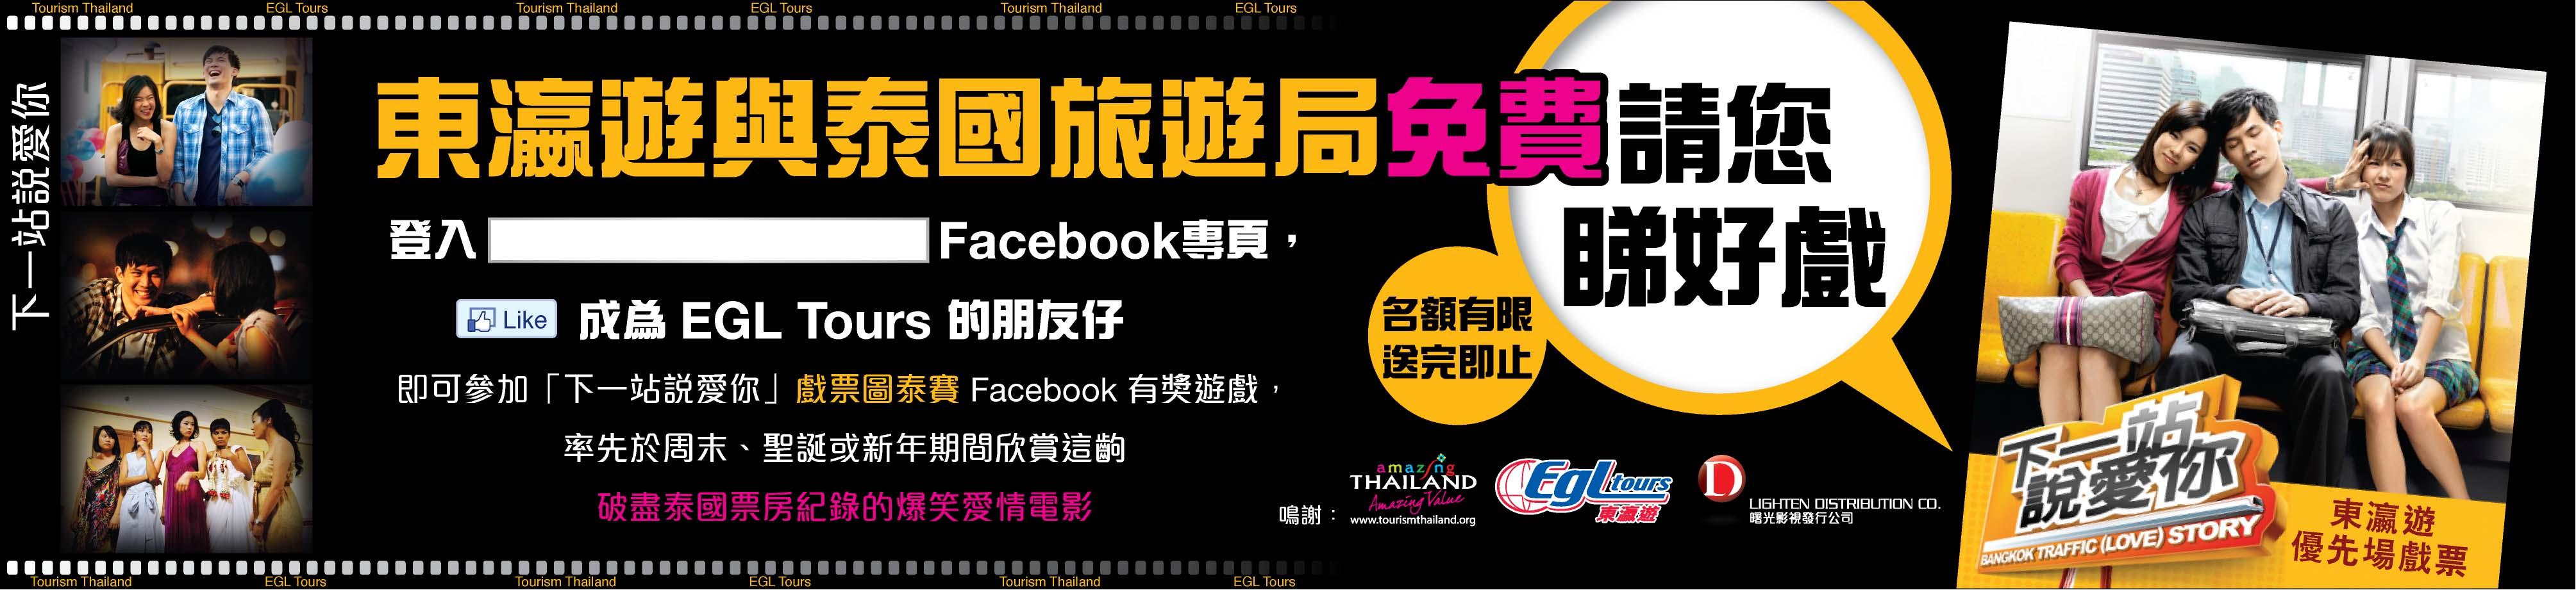 facebook banner HK